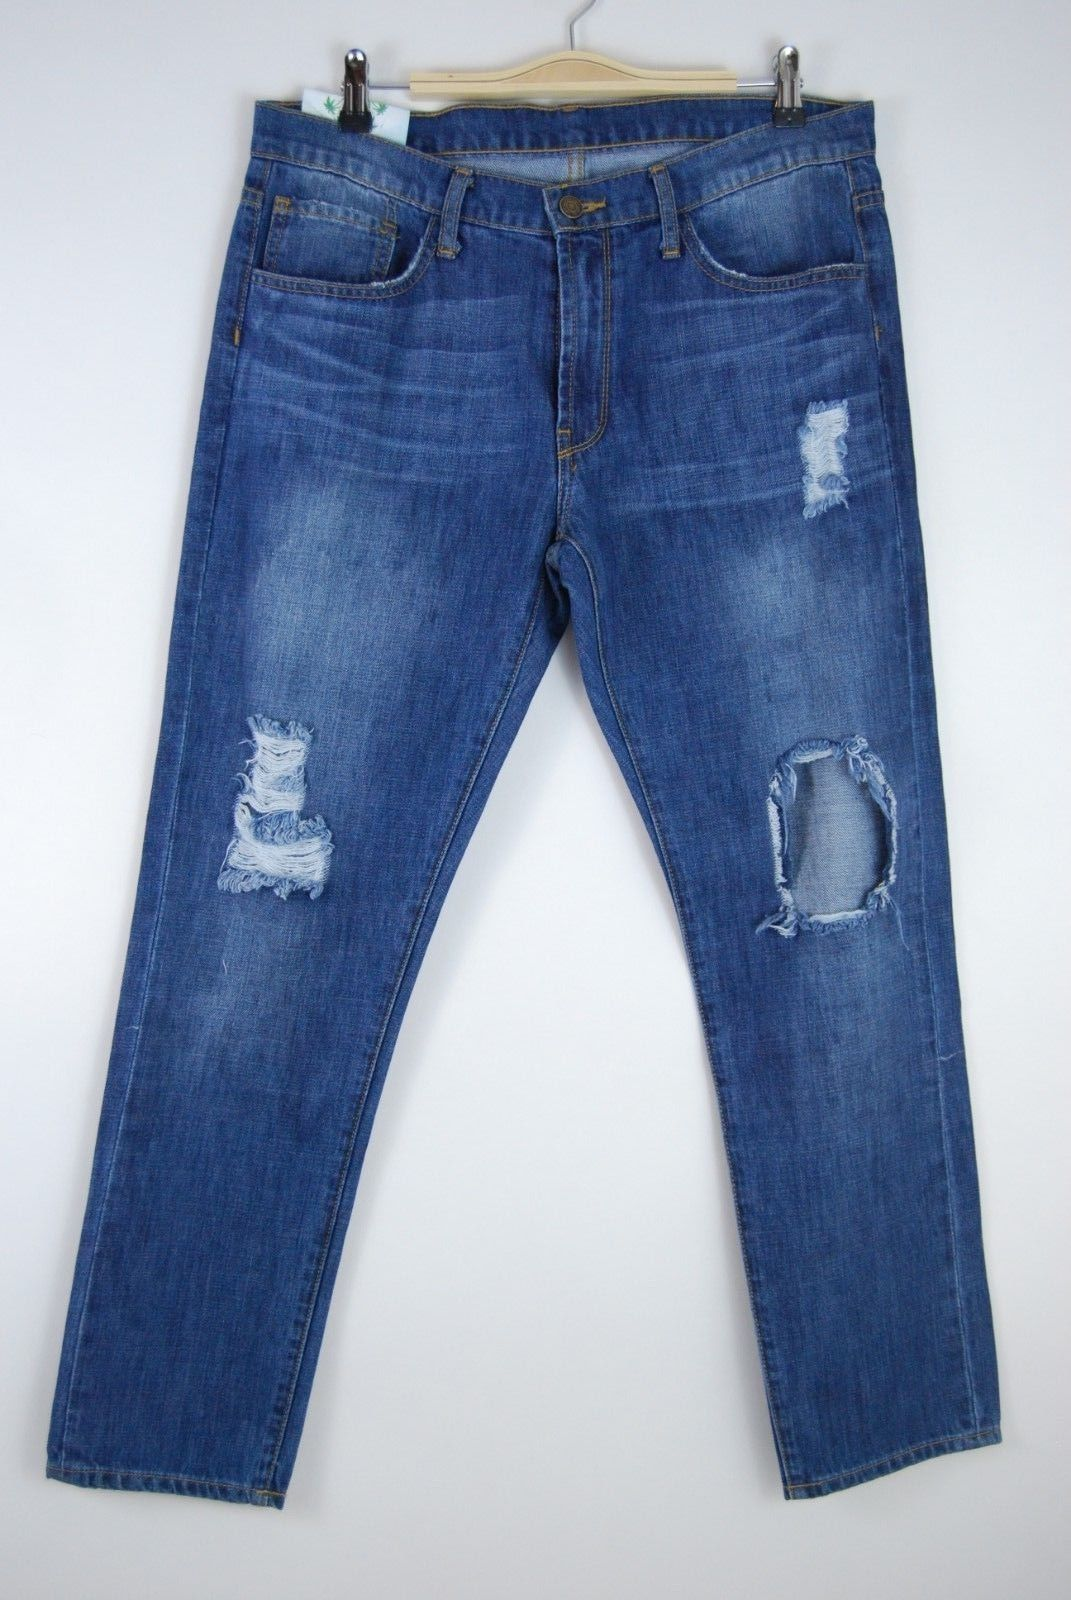 Sadie & Sage Distressed Jeans - Size 31